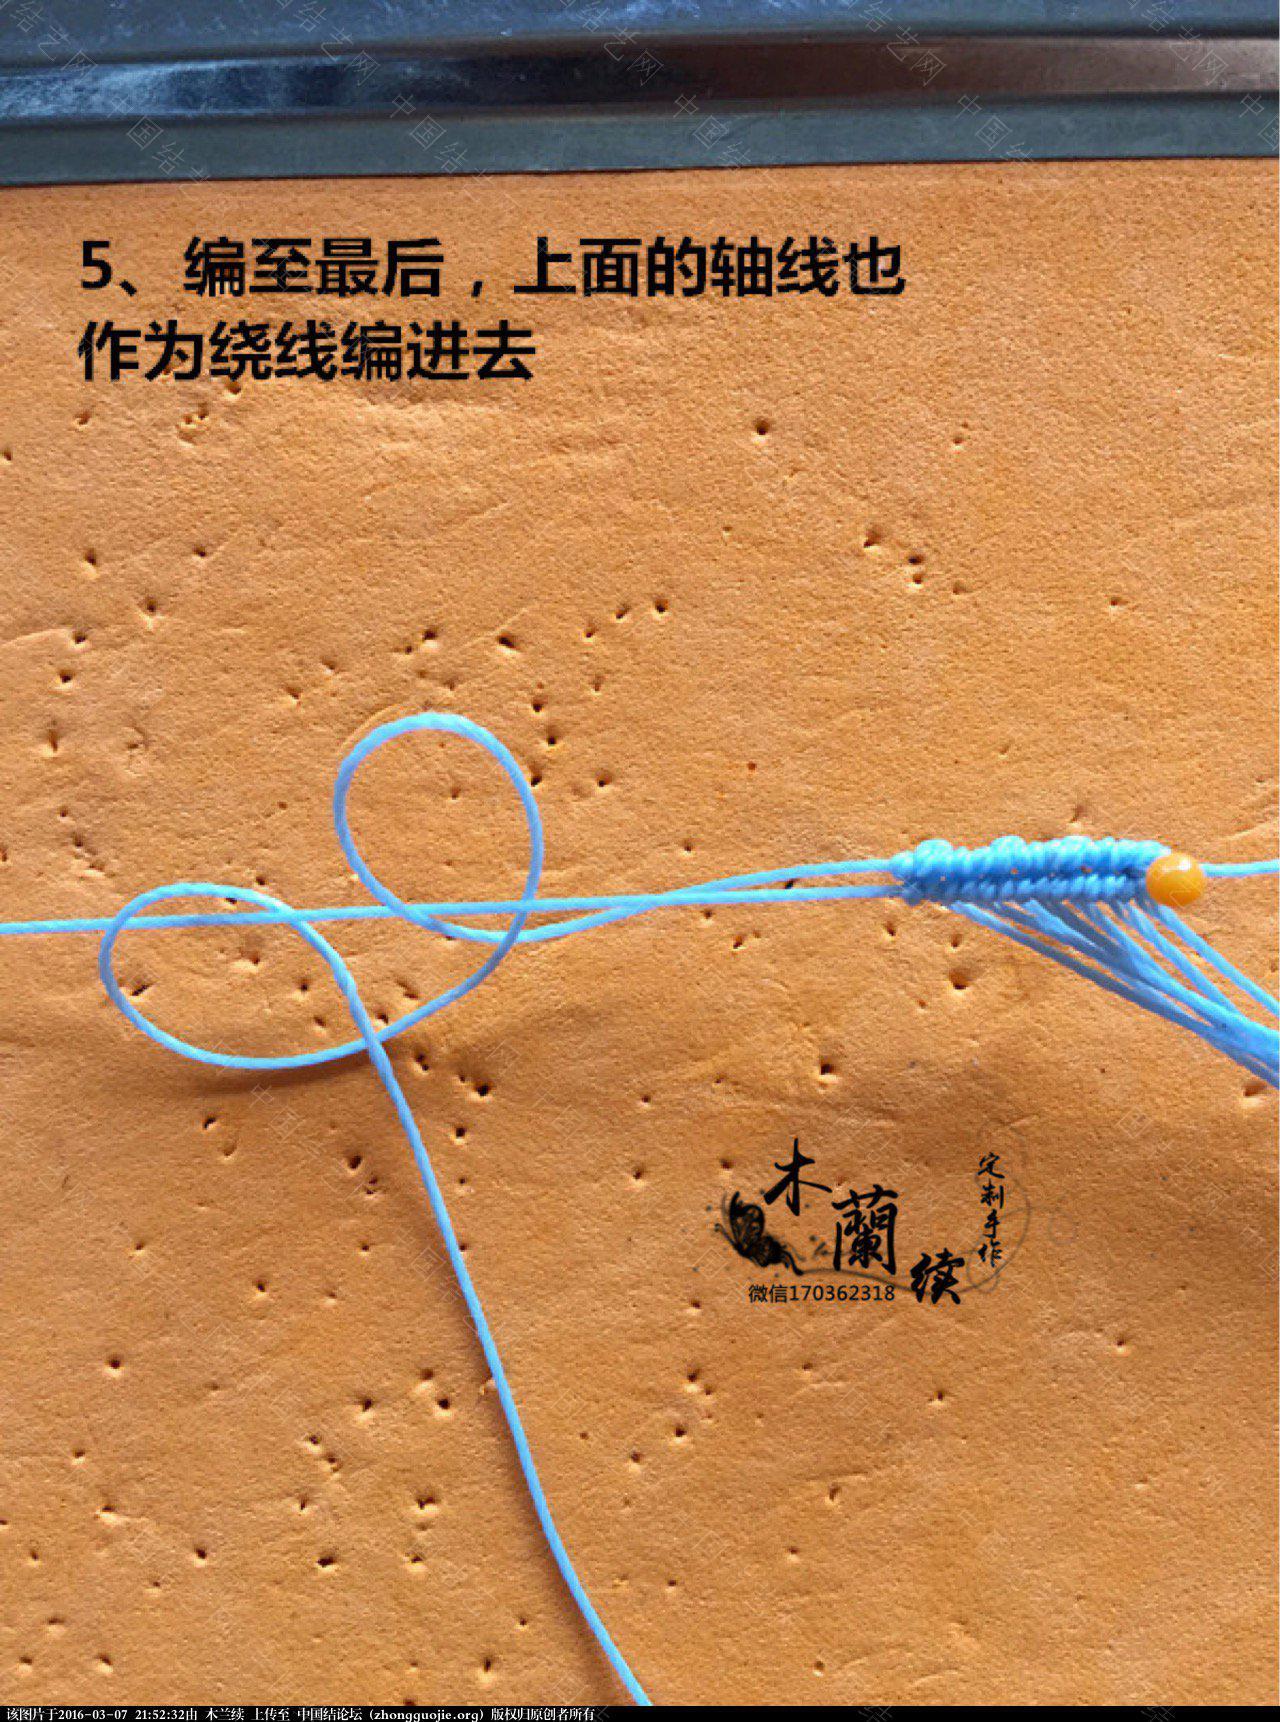 中国结论坛 【木兰续】萌萌的海星挂件! 木兰 图文教程区 214827u3yy9y9eppwcpk8w